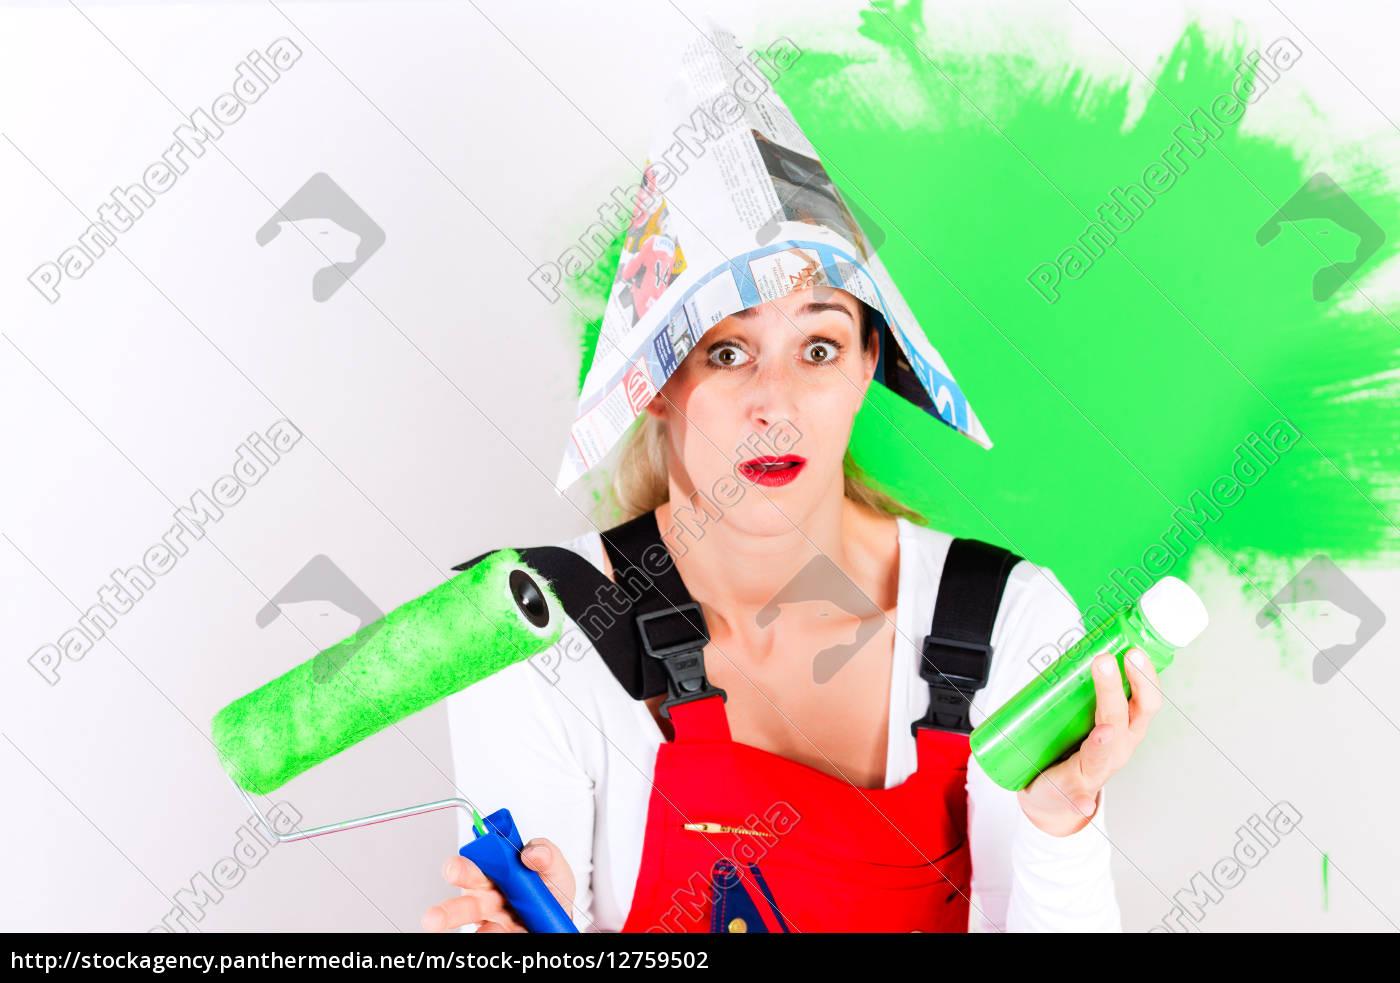 woman, at, diy, and, painting - 12759502